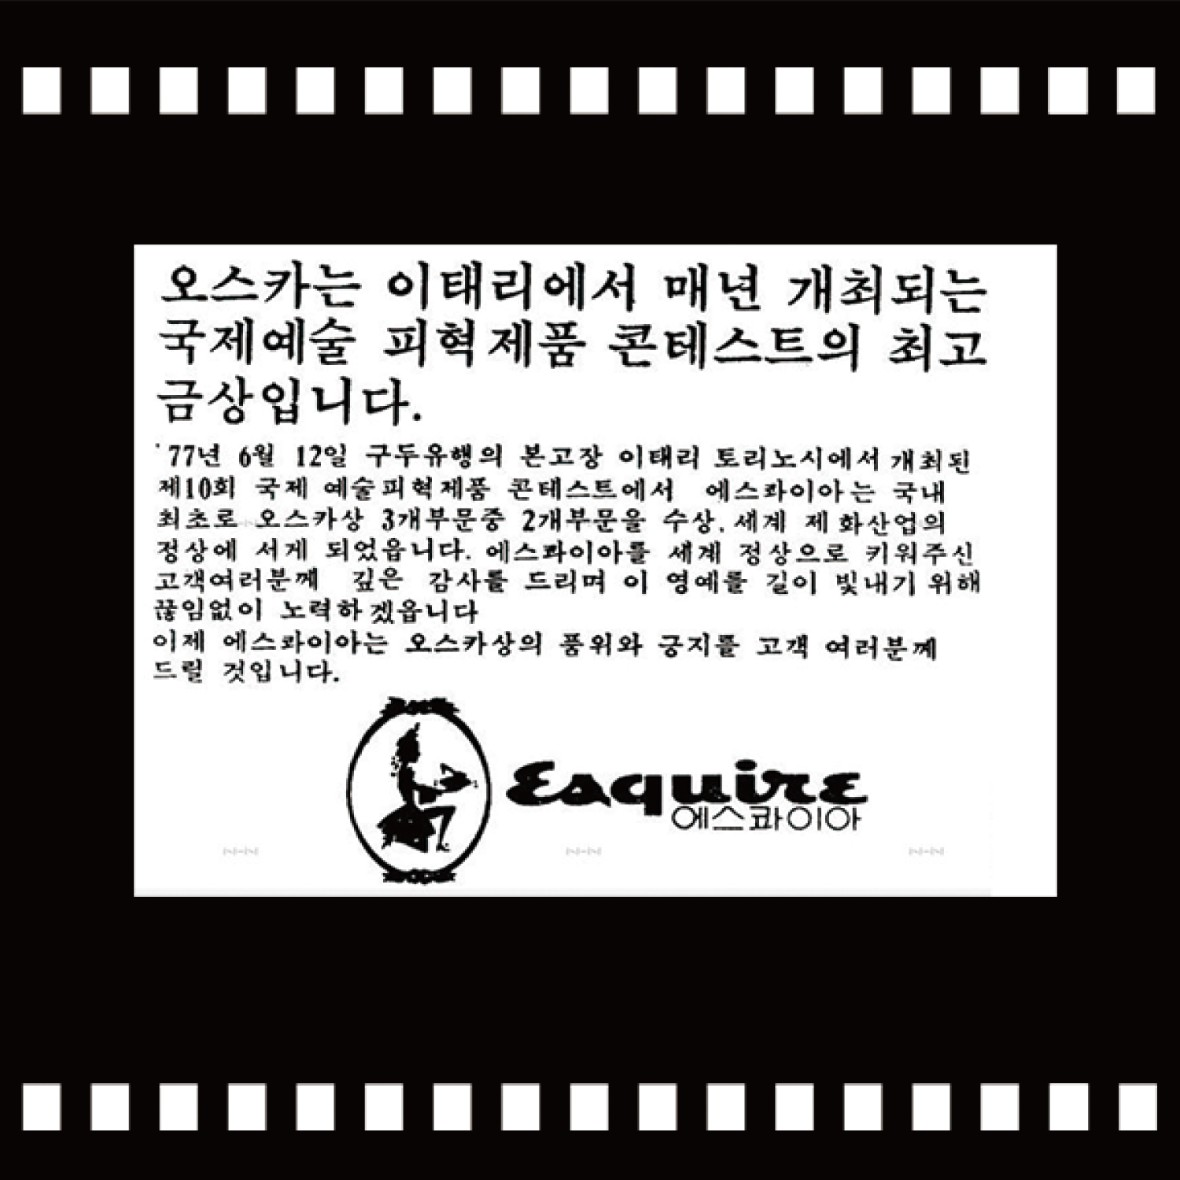 [시안]오스카상_SNS3.jpg